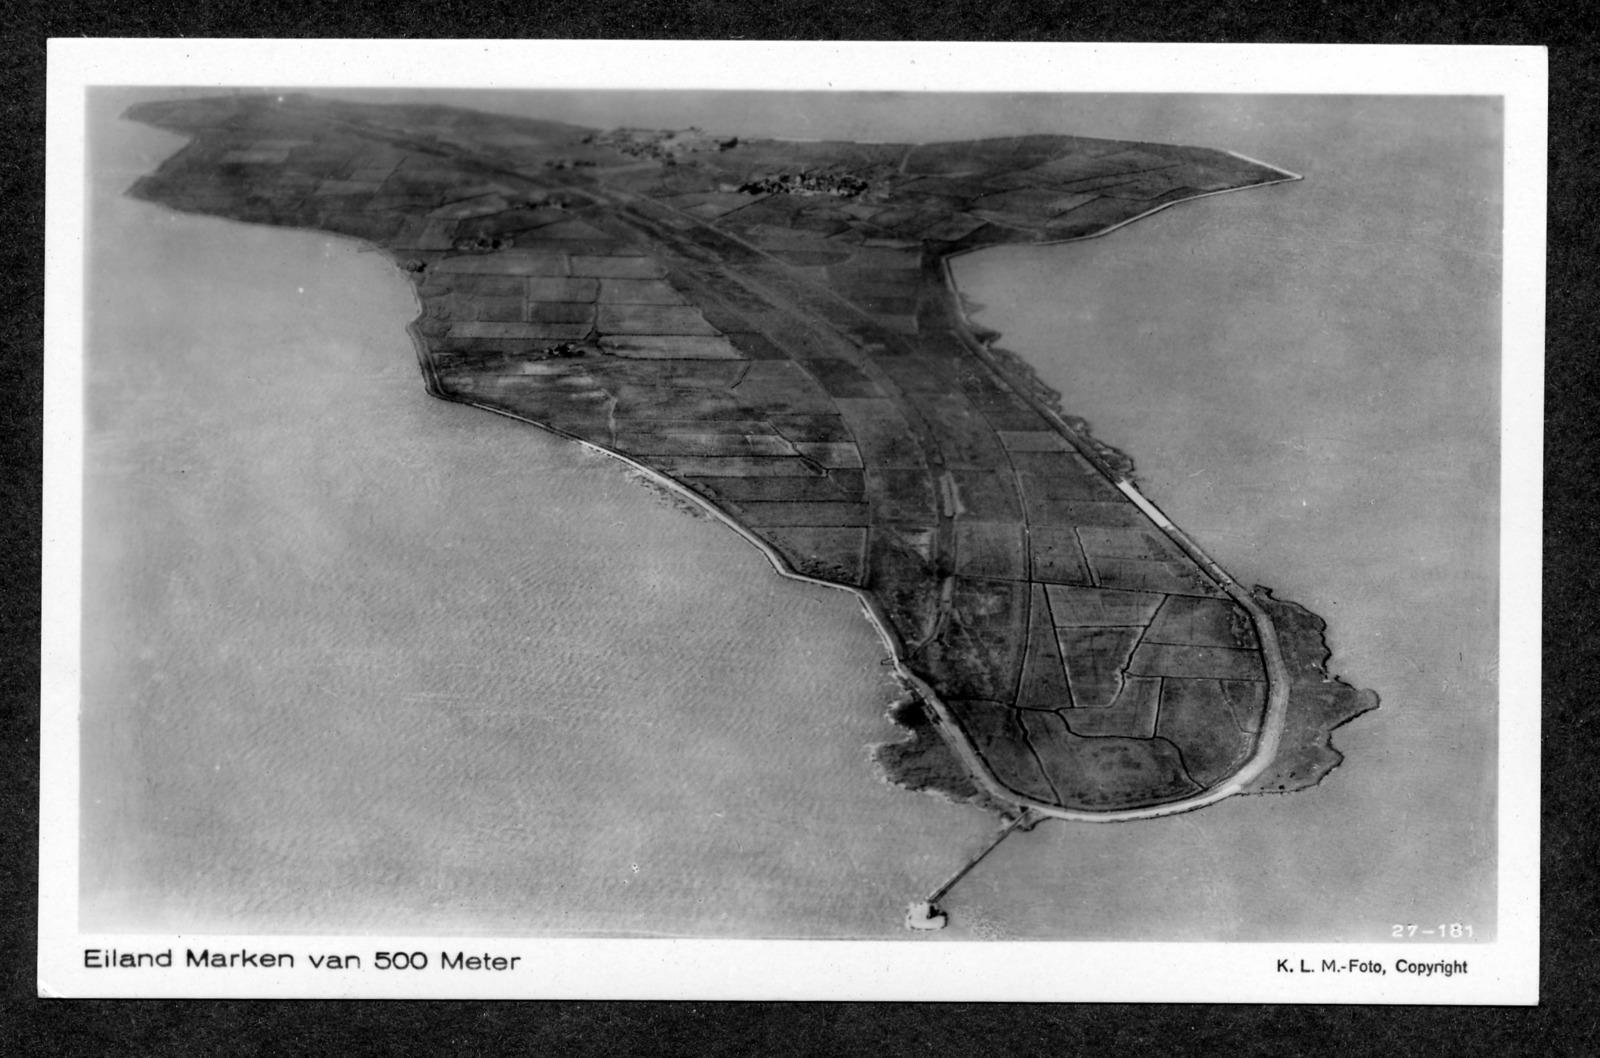 Eiland Marken van 500 Meter. Identificatie F021389, Collectie Zuiderzeemuseum